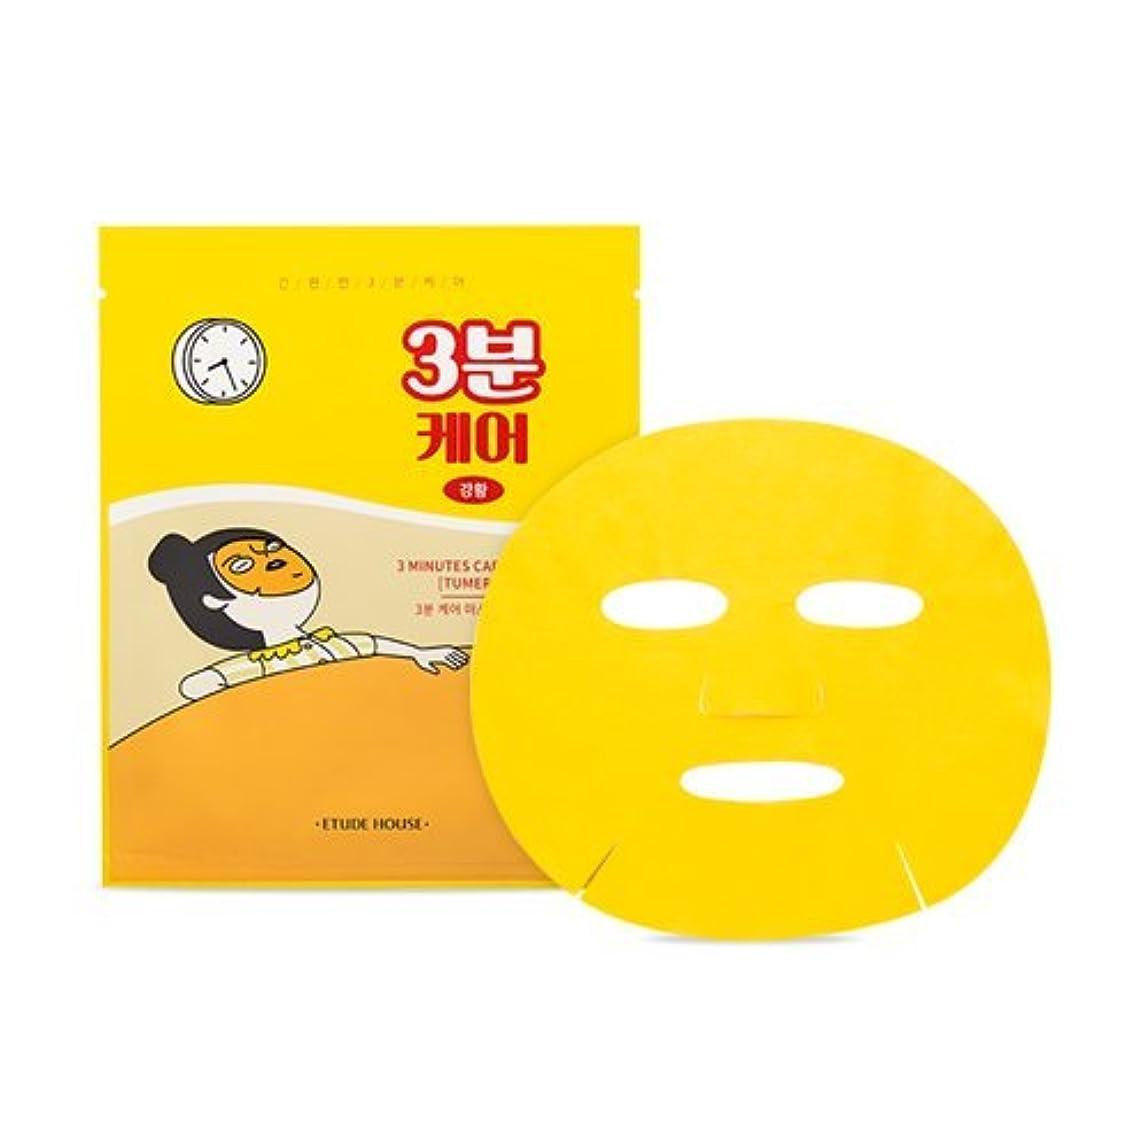 平方世論調査深さエチュードハウス 3分ケア マスク[ ウコン ] 5枚/ETUDE HOUSE 3 Minutes Care Mask [TUMERIC] 23g*5EA